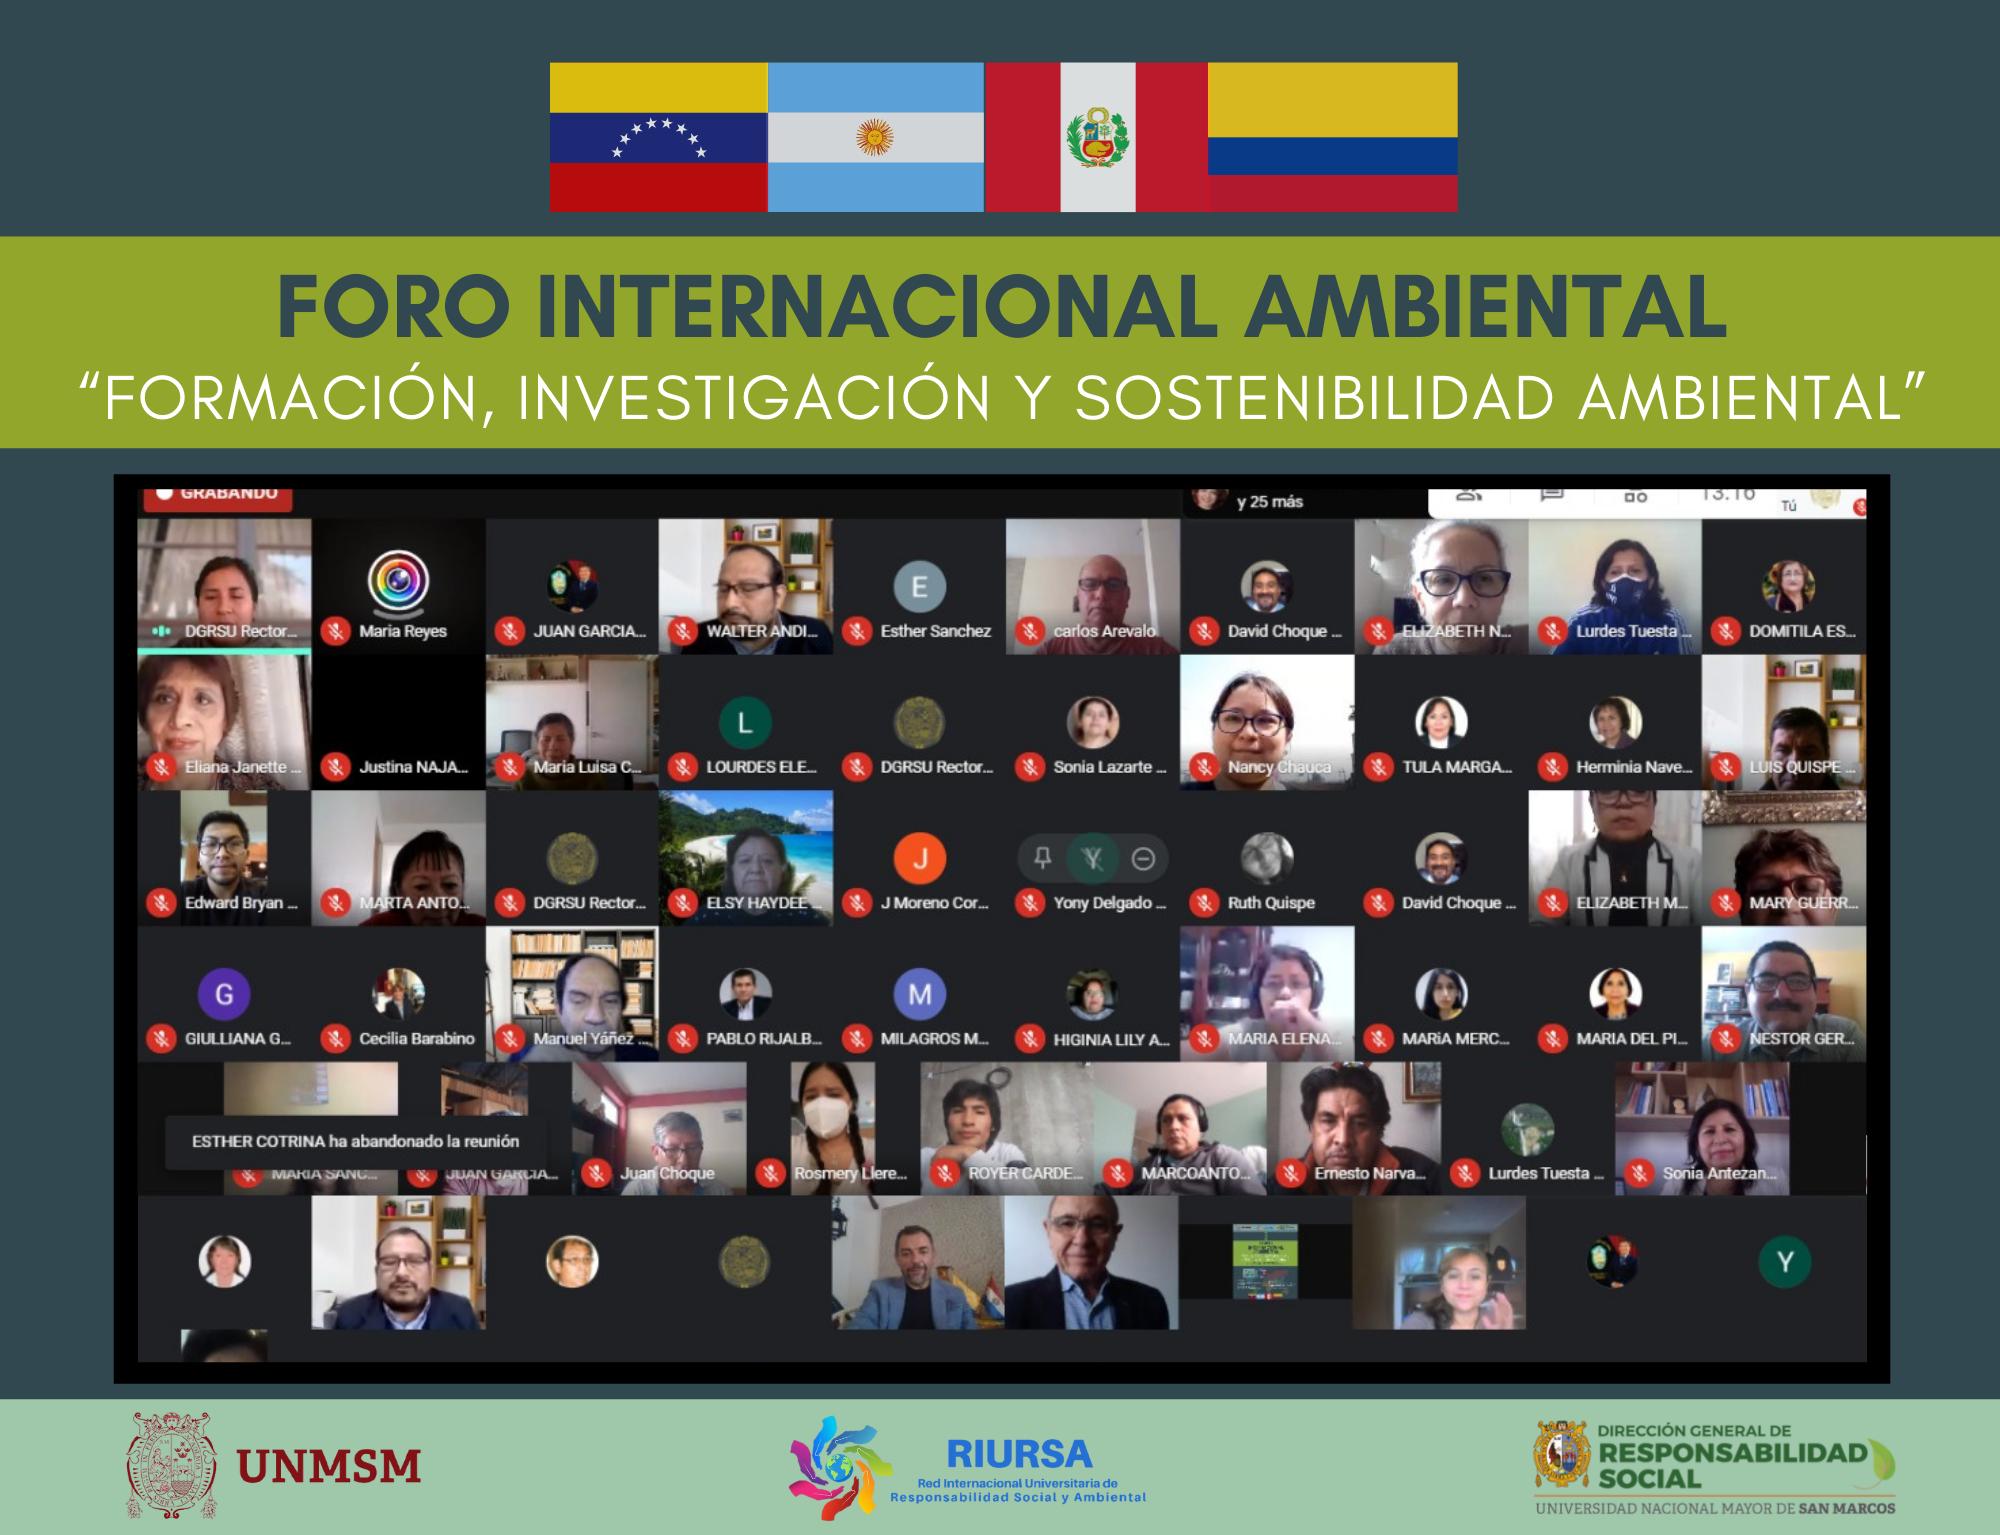 """Dirección General de Responsabilidad Social de la UNMSM organiza Foro Internacional Ambiental """"Formación, Investigación y Sostenibilidad Ambiental"""""""